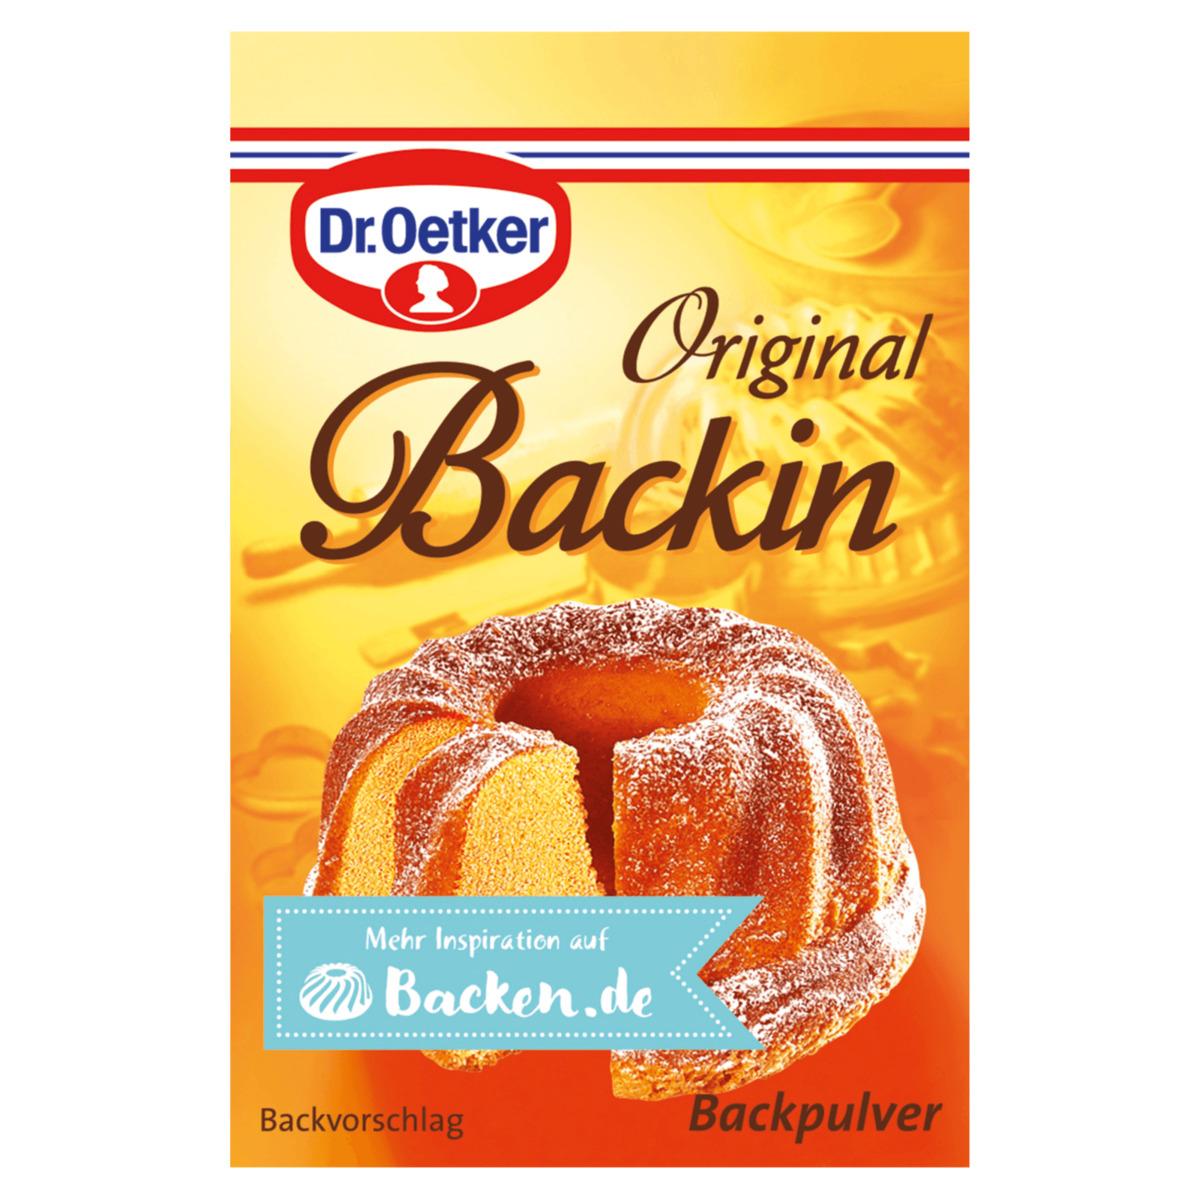 Dr. Oetker Backzutaten: Original Backin / Vanille Zucker / Vanillin Zucker für nur 0,66€ ab 21.08. [ALDI-NORD]